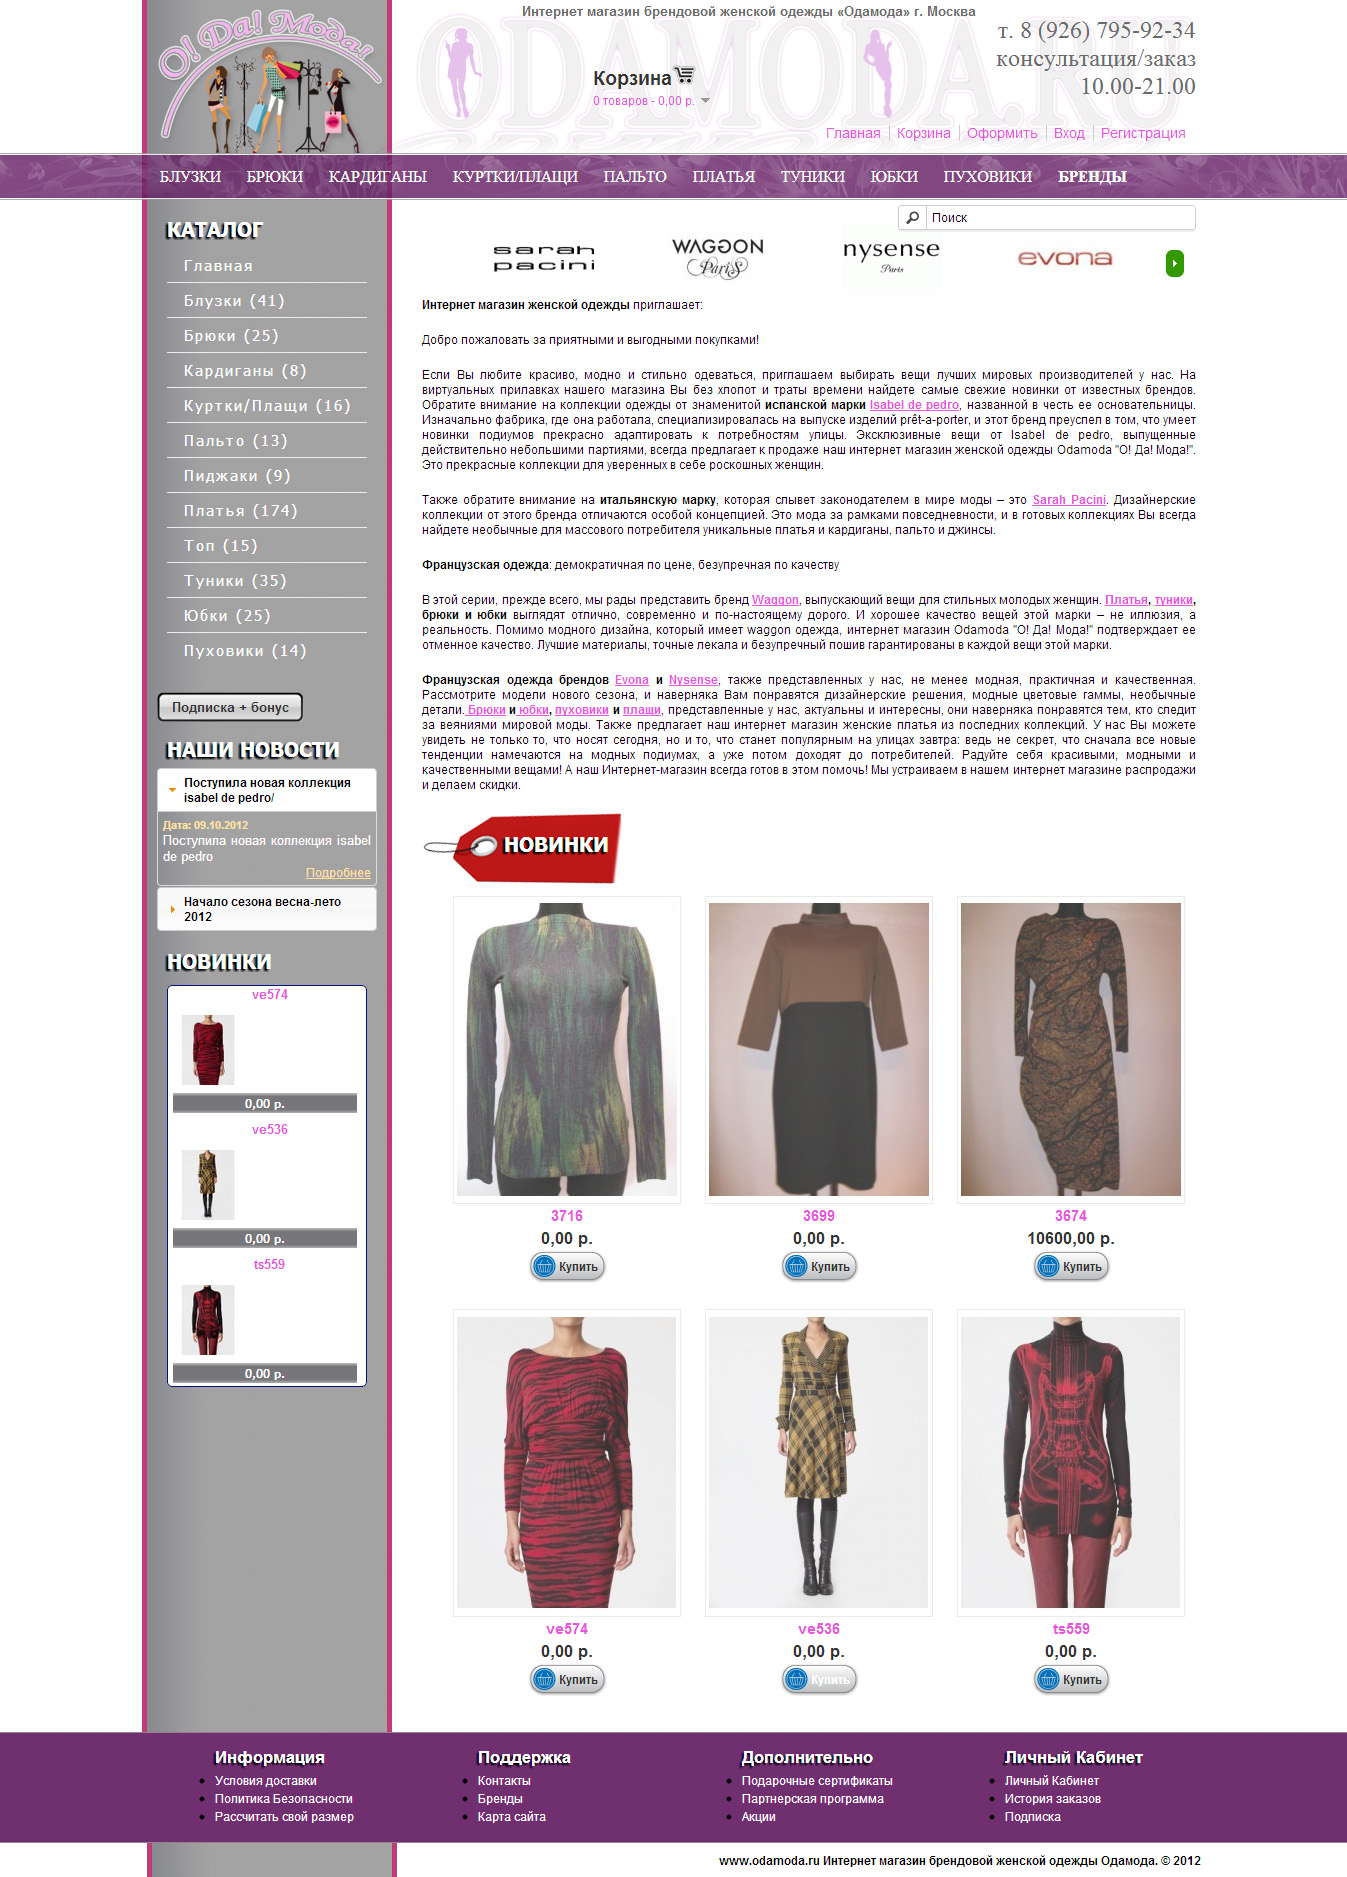 Название Интернет Магазина Женской Одежды Доставка